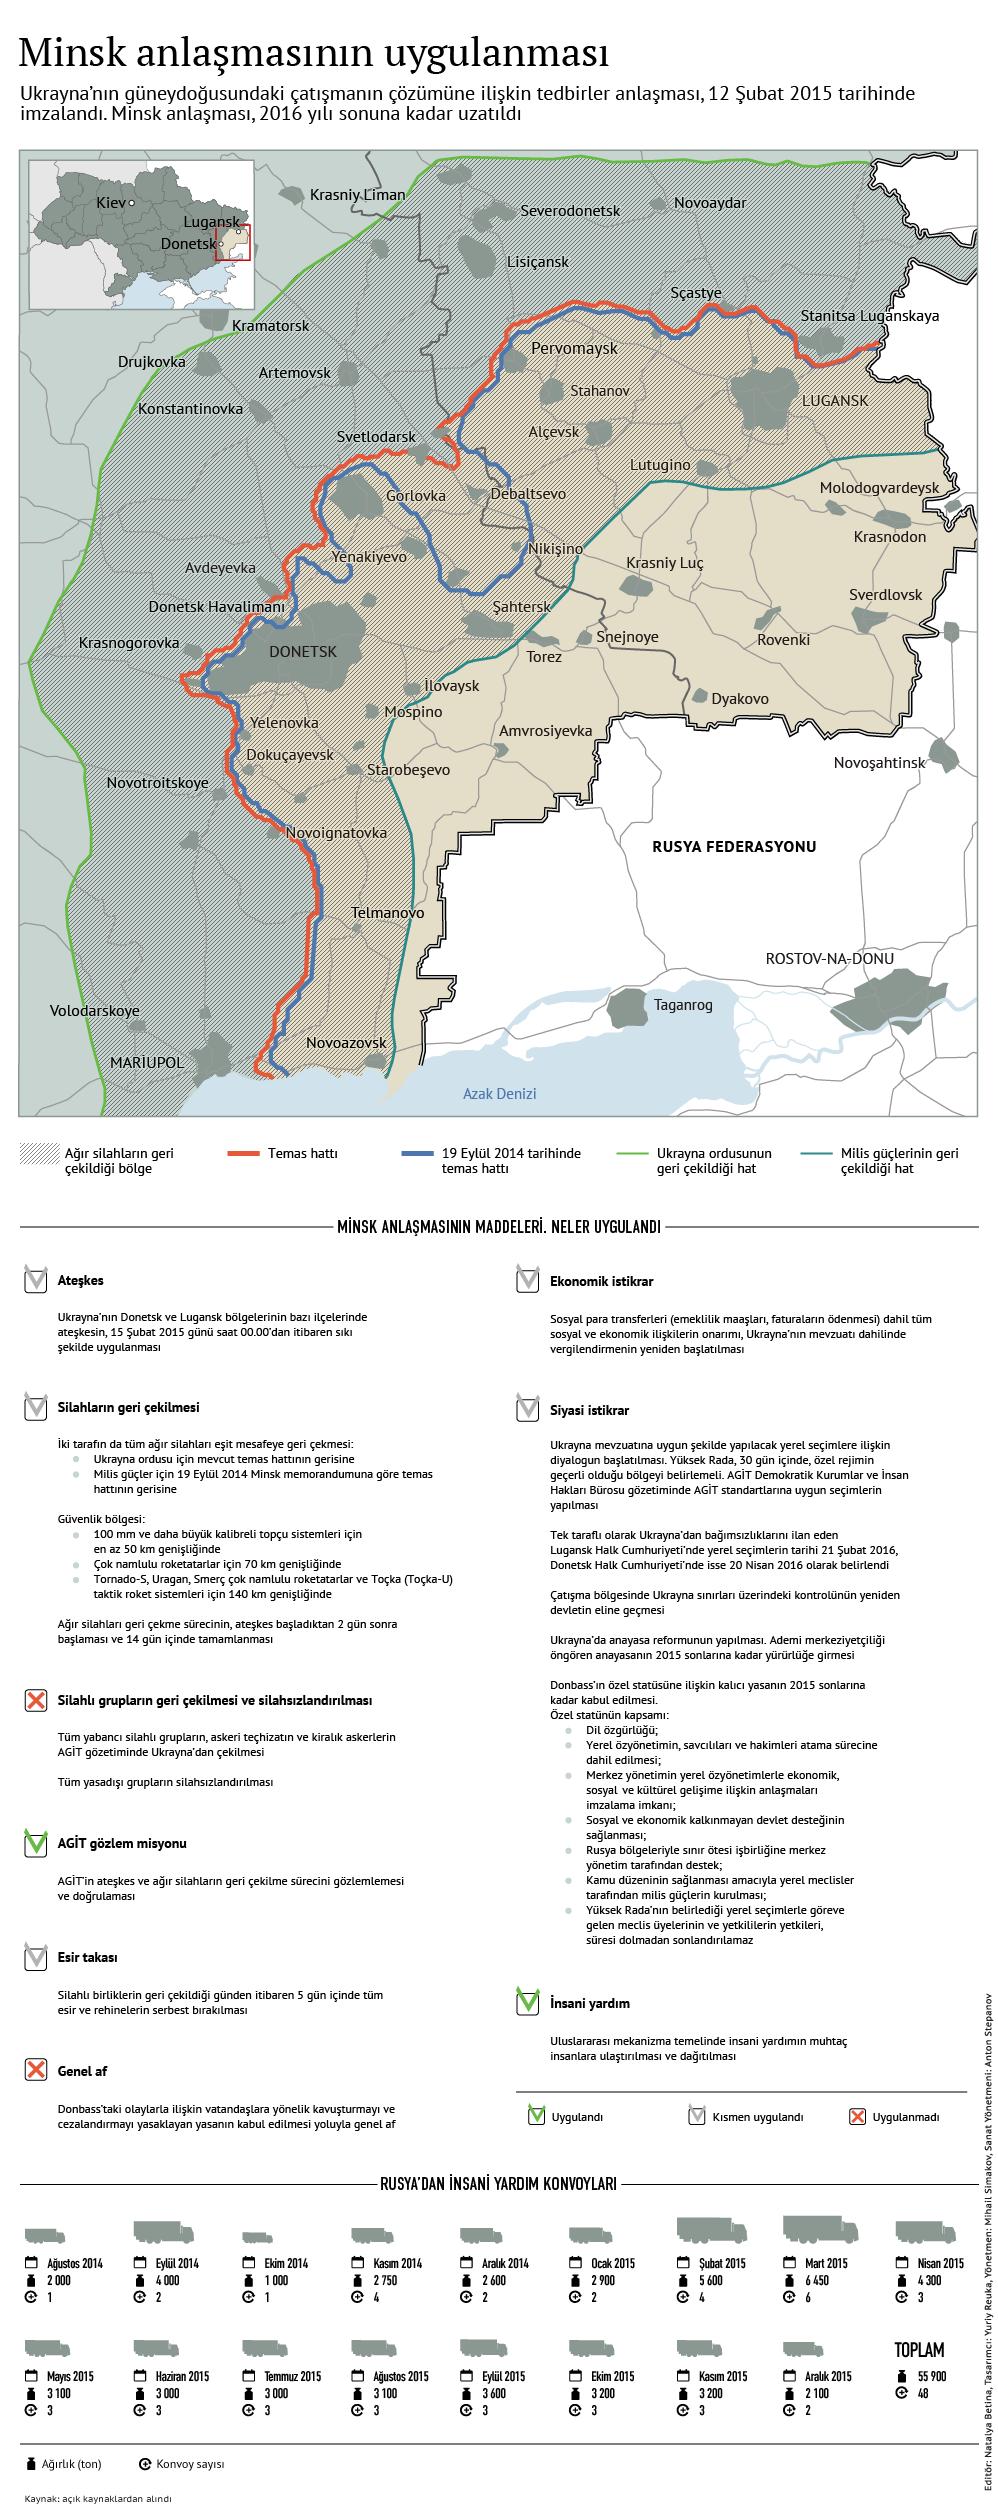 Minsk anlaşmasının uygulanması.